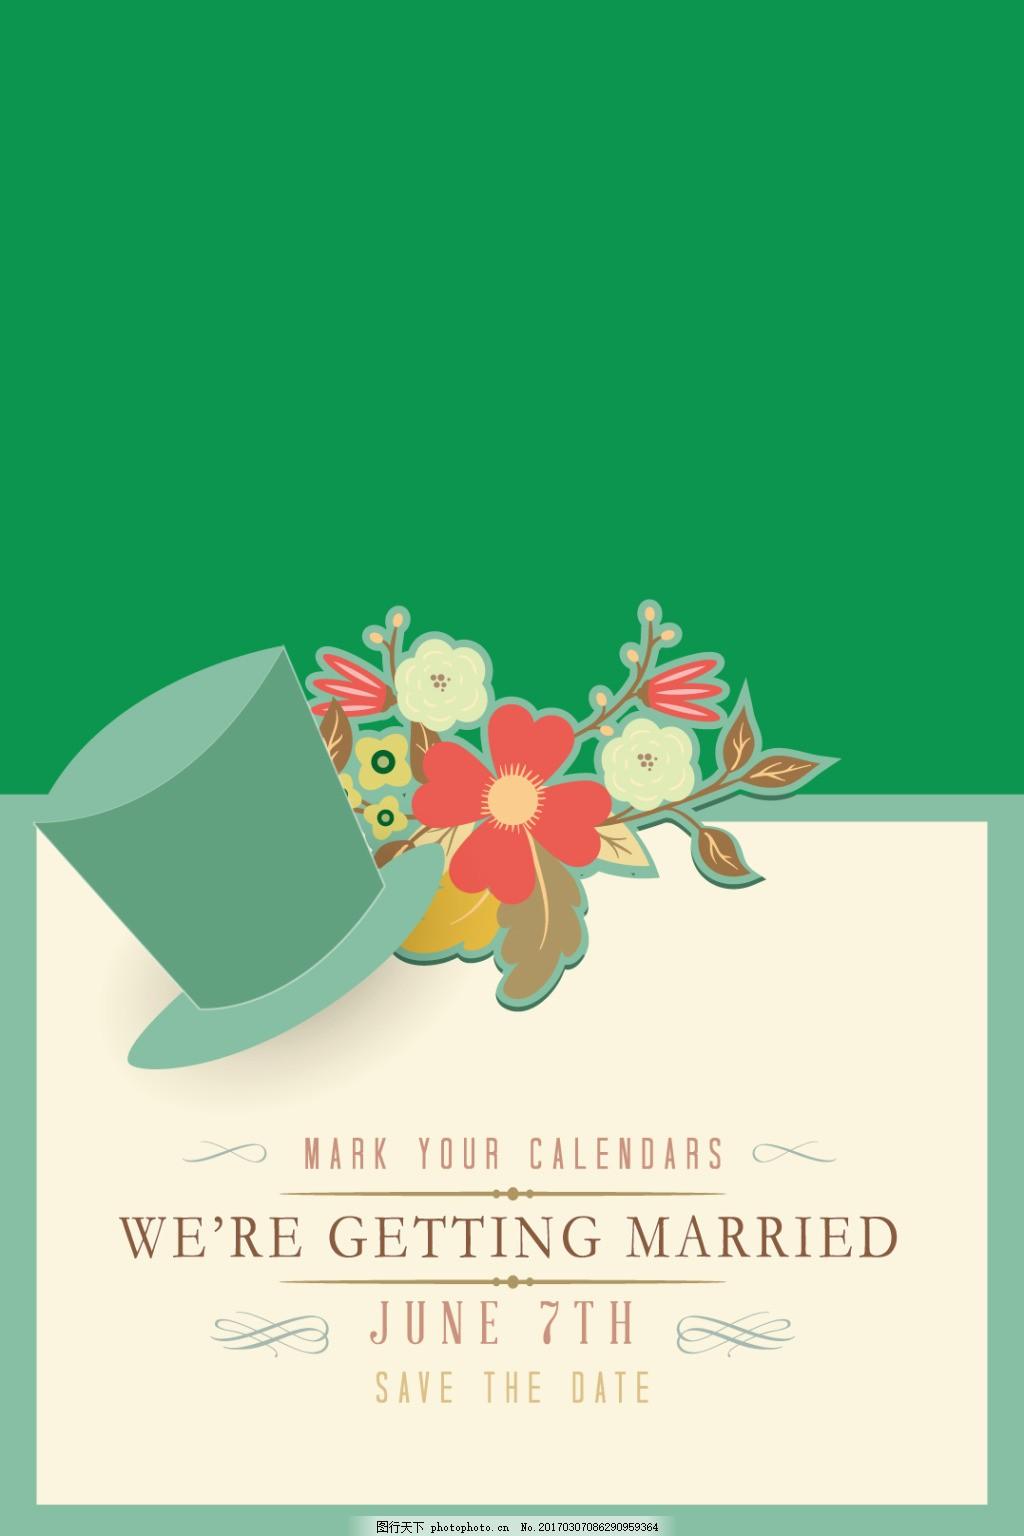 绿色复古邀请卡 婚庆邀请卡 唯美 唯美花纹 手绘花卉 卡片 矢量素材